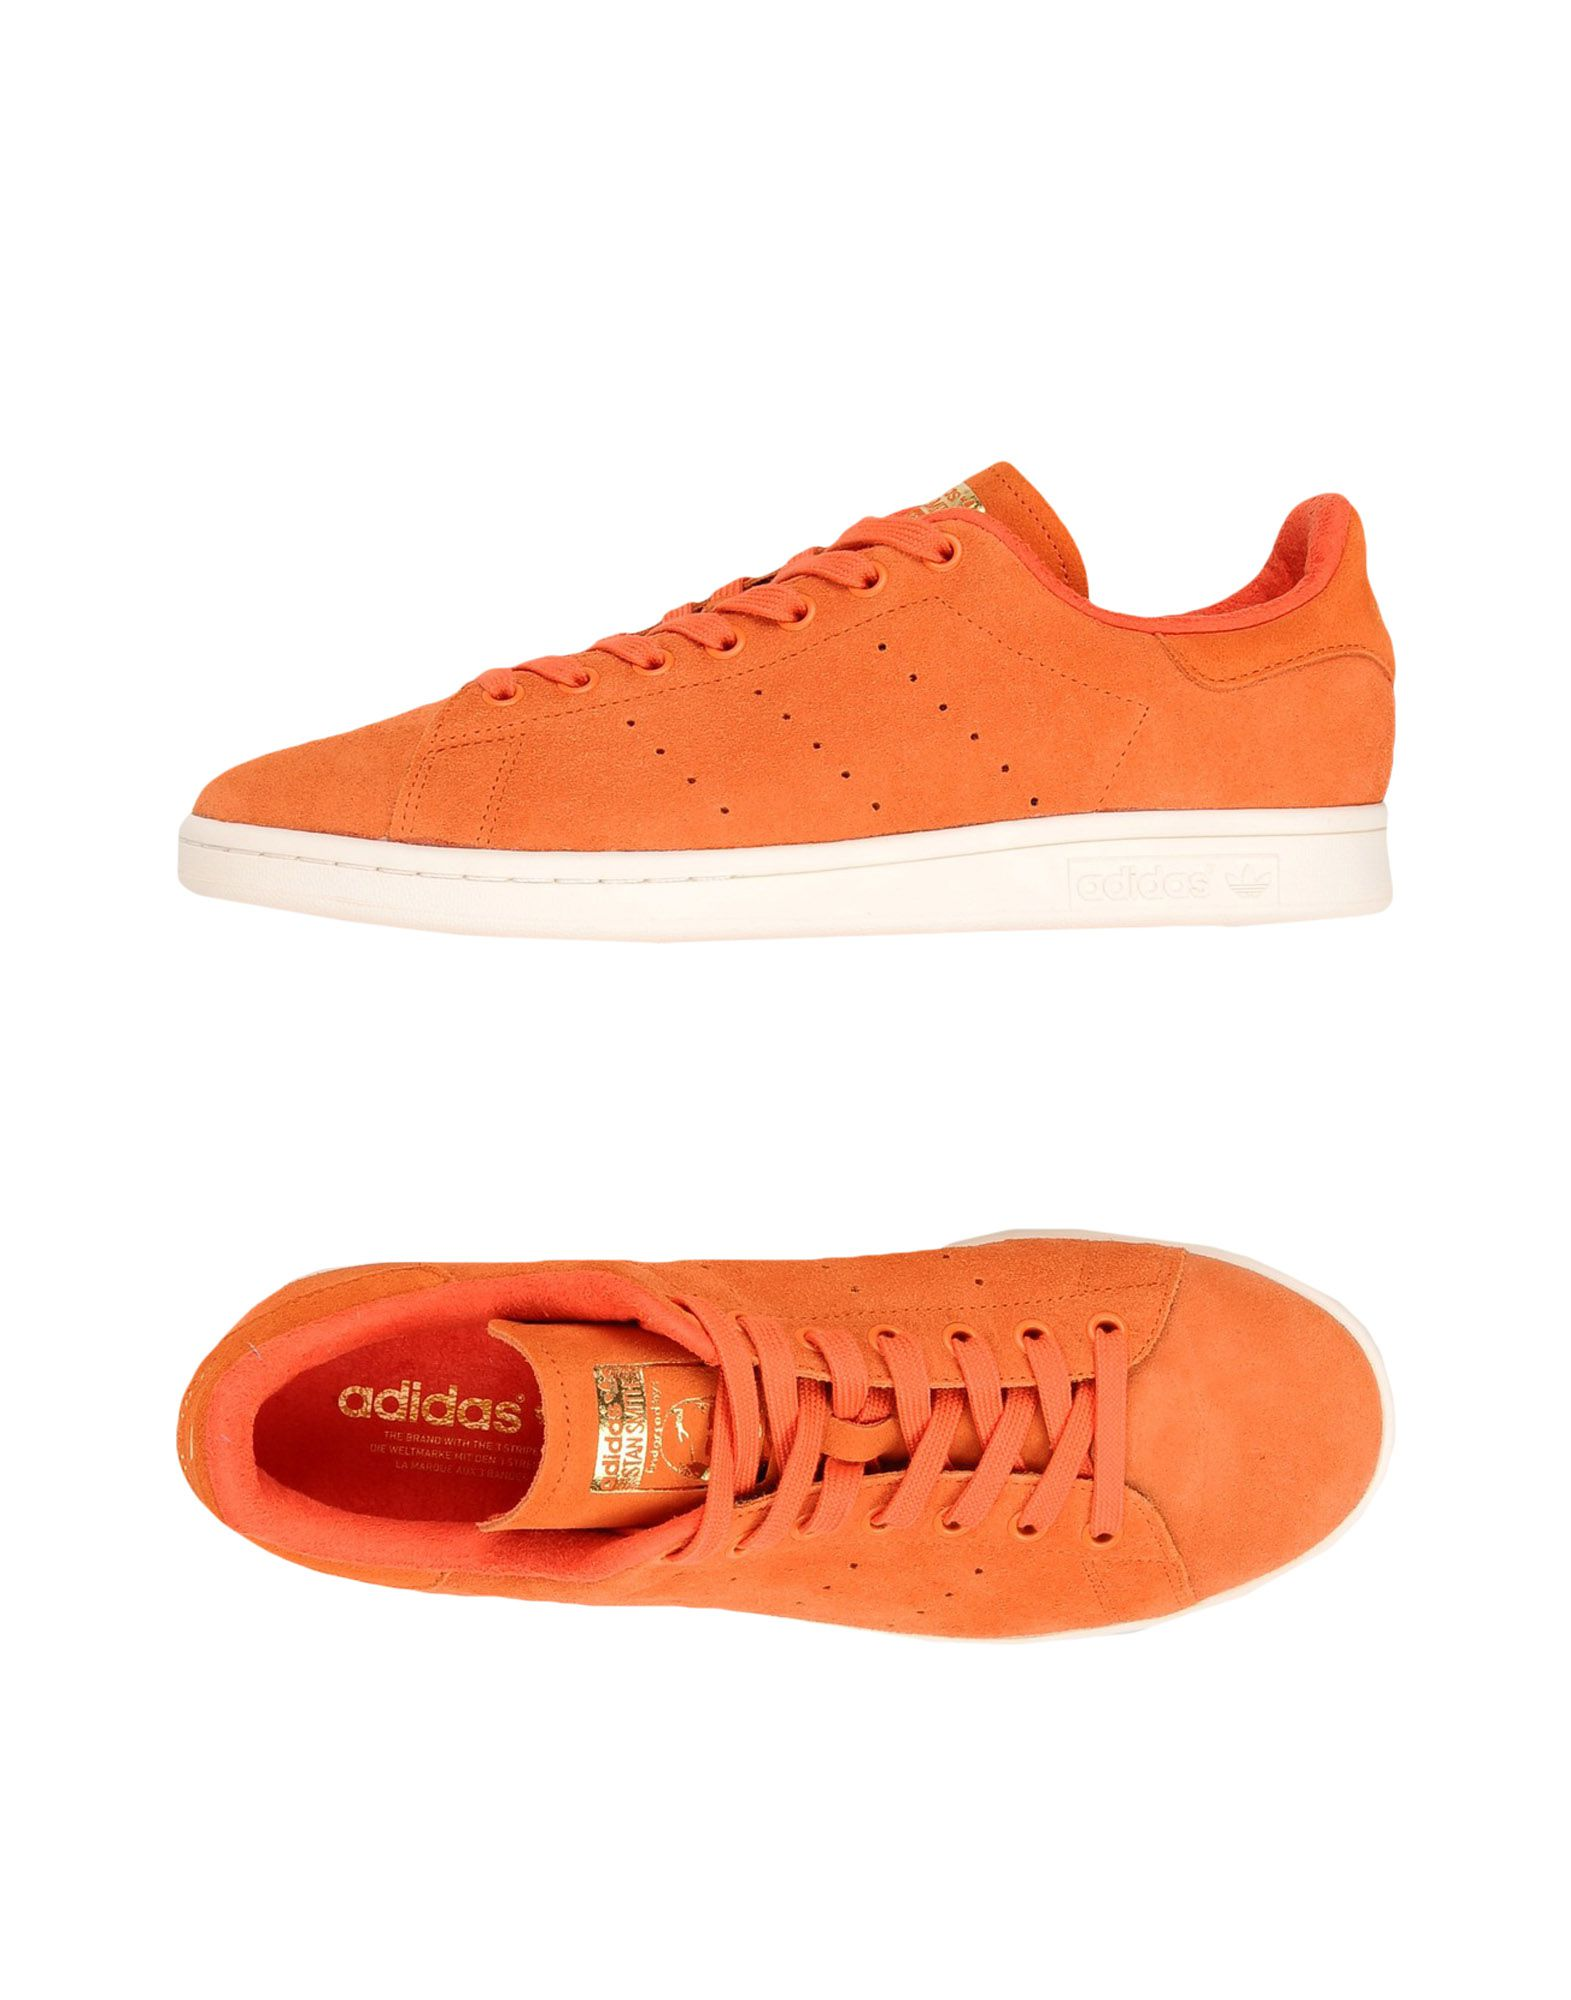 《送料無料》ADIDAS ORIGINALS メンズ スニーカー&テニスシューズ(ローカット) オレンジ 10.5 革 STAN SMITH